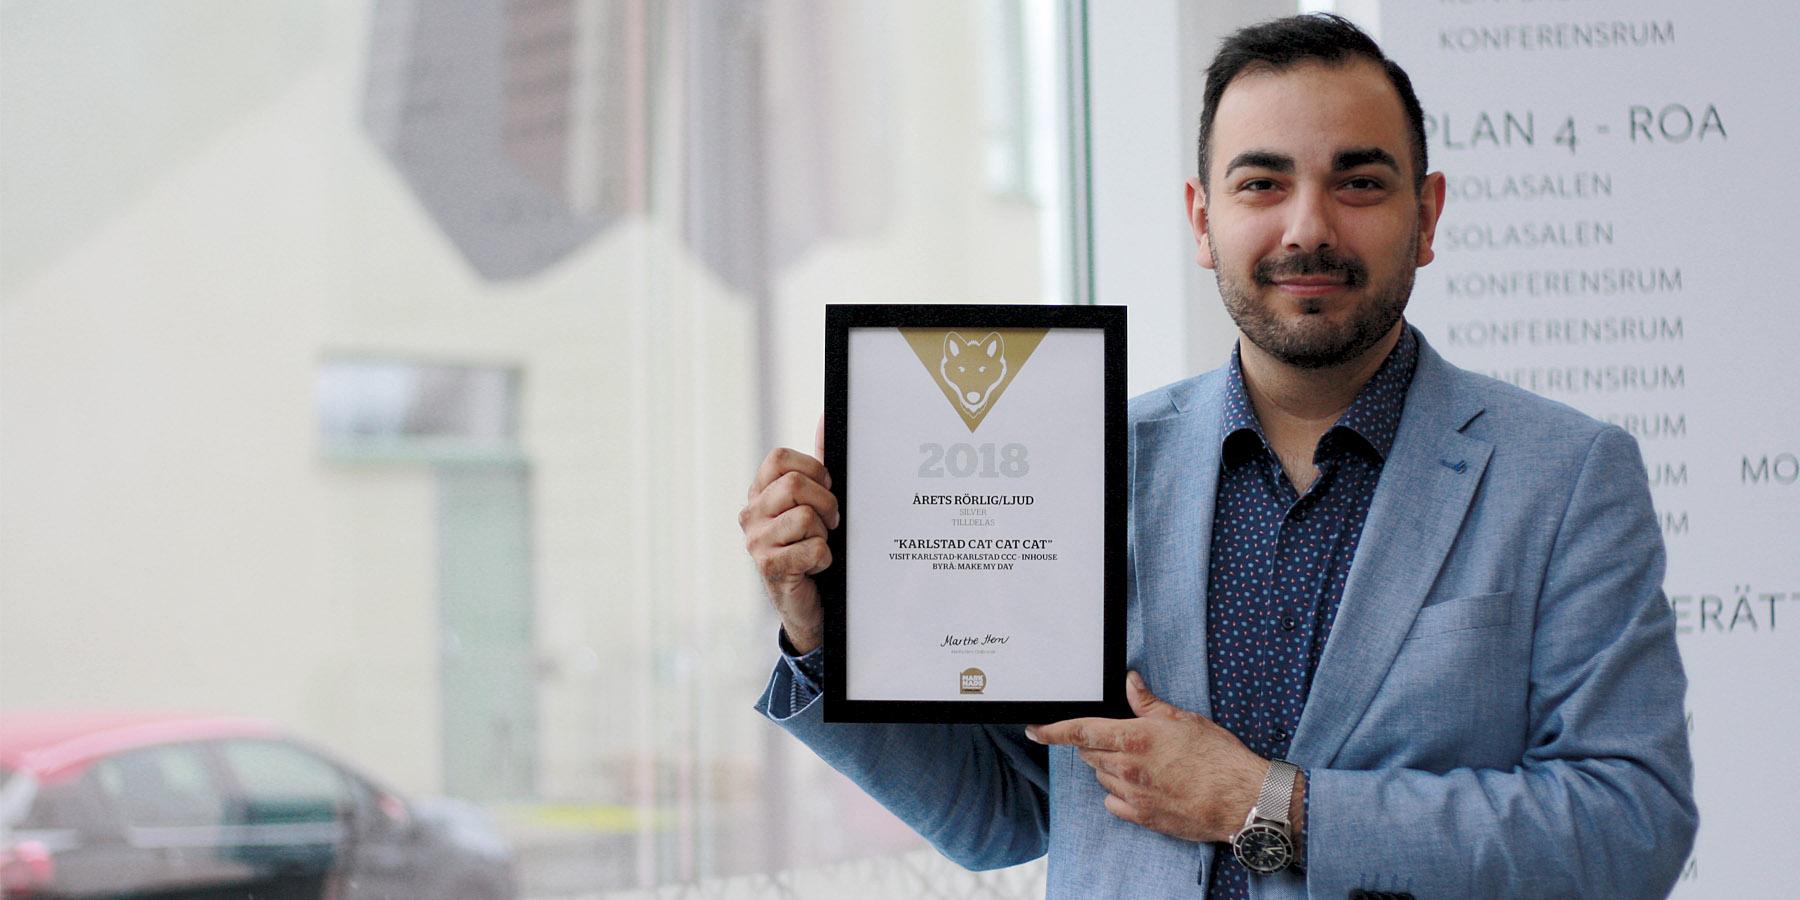 Guldvargen 2018 - Arman Teimouri, kommunikationschef